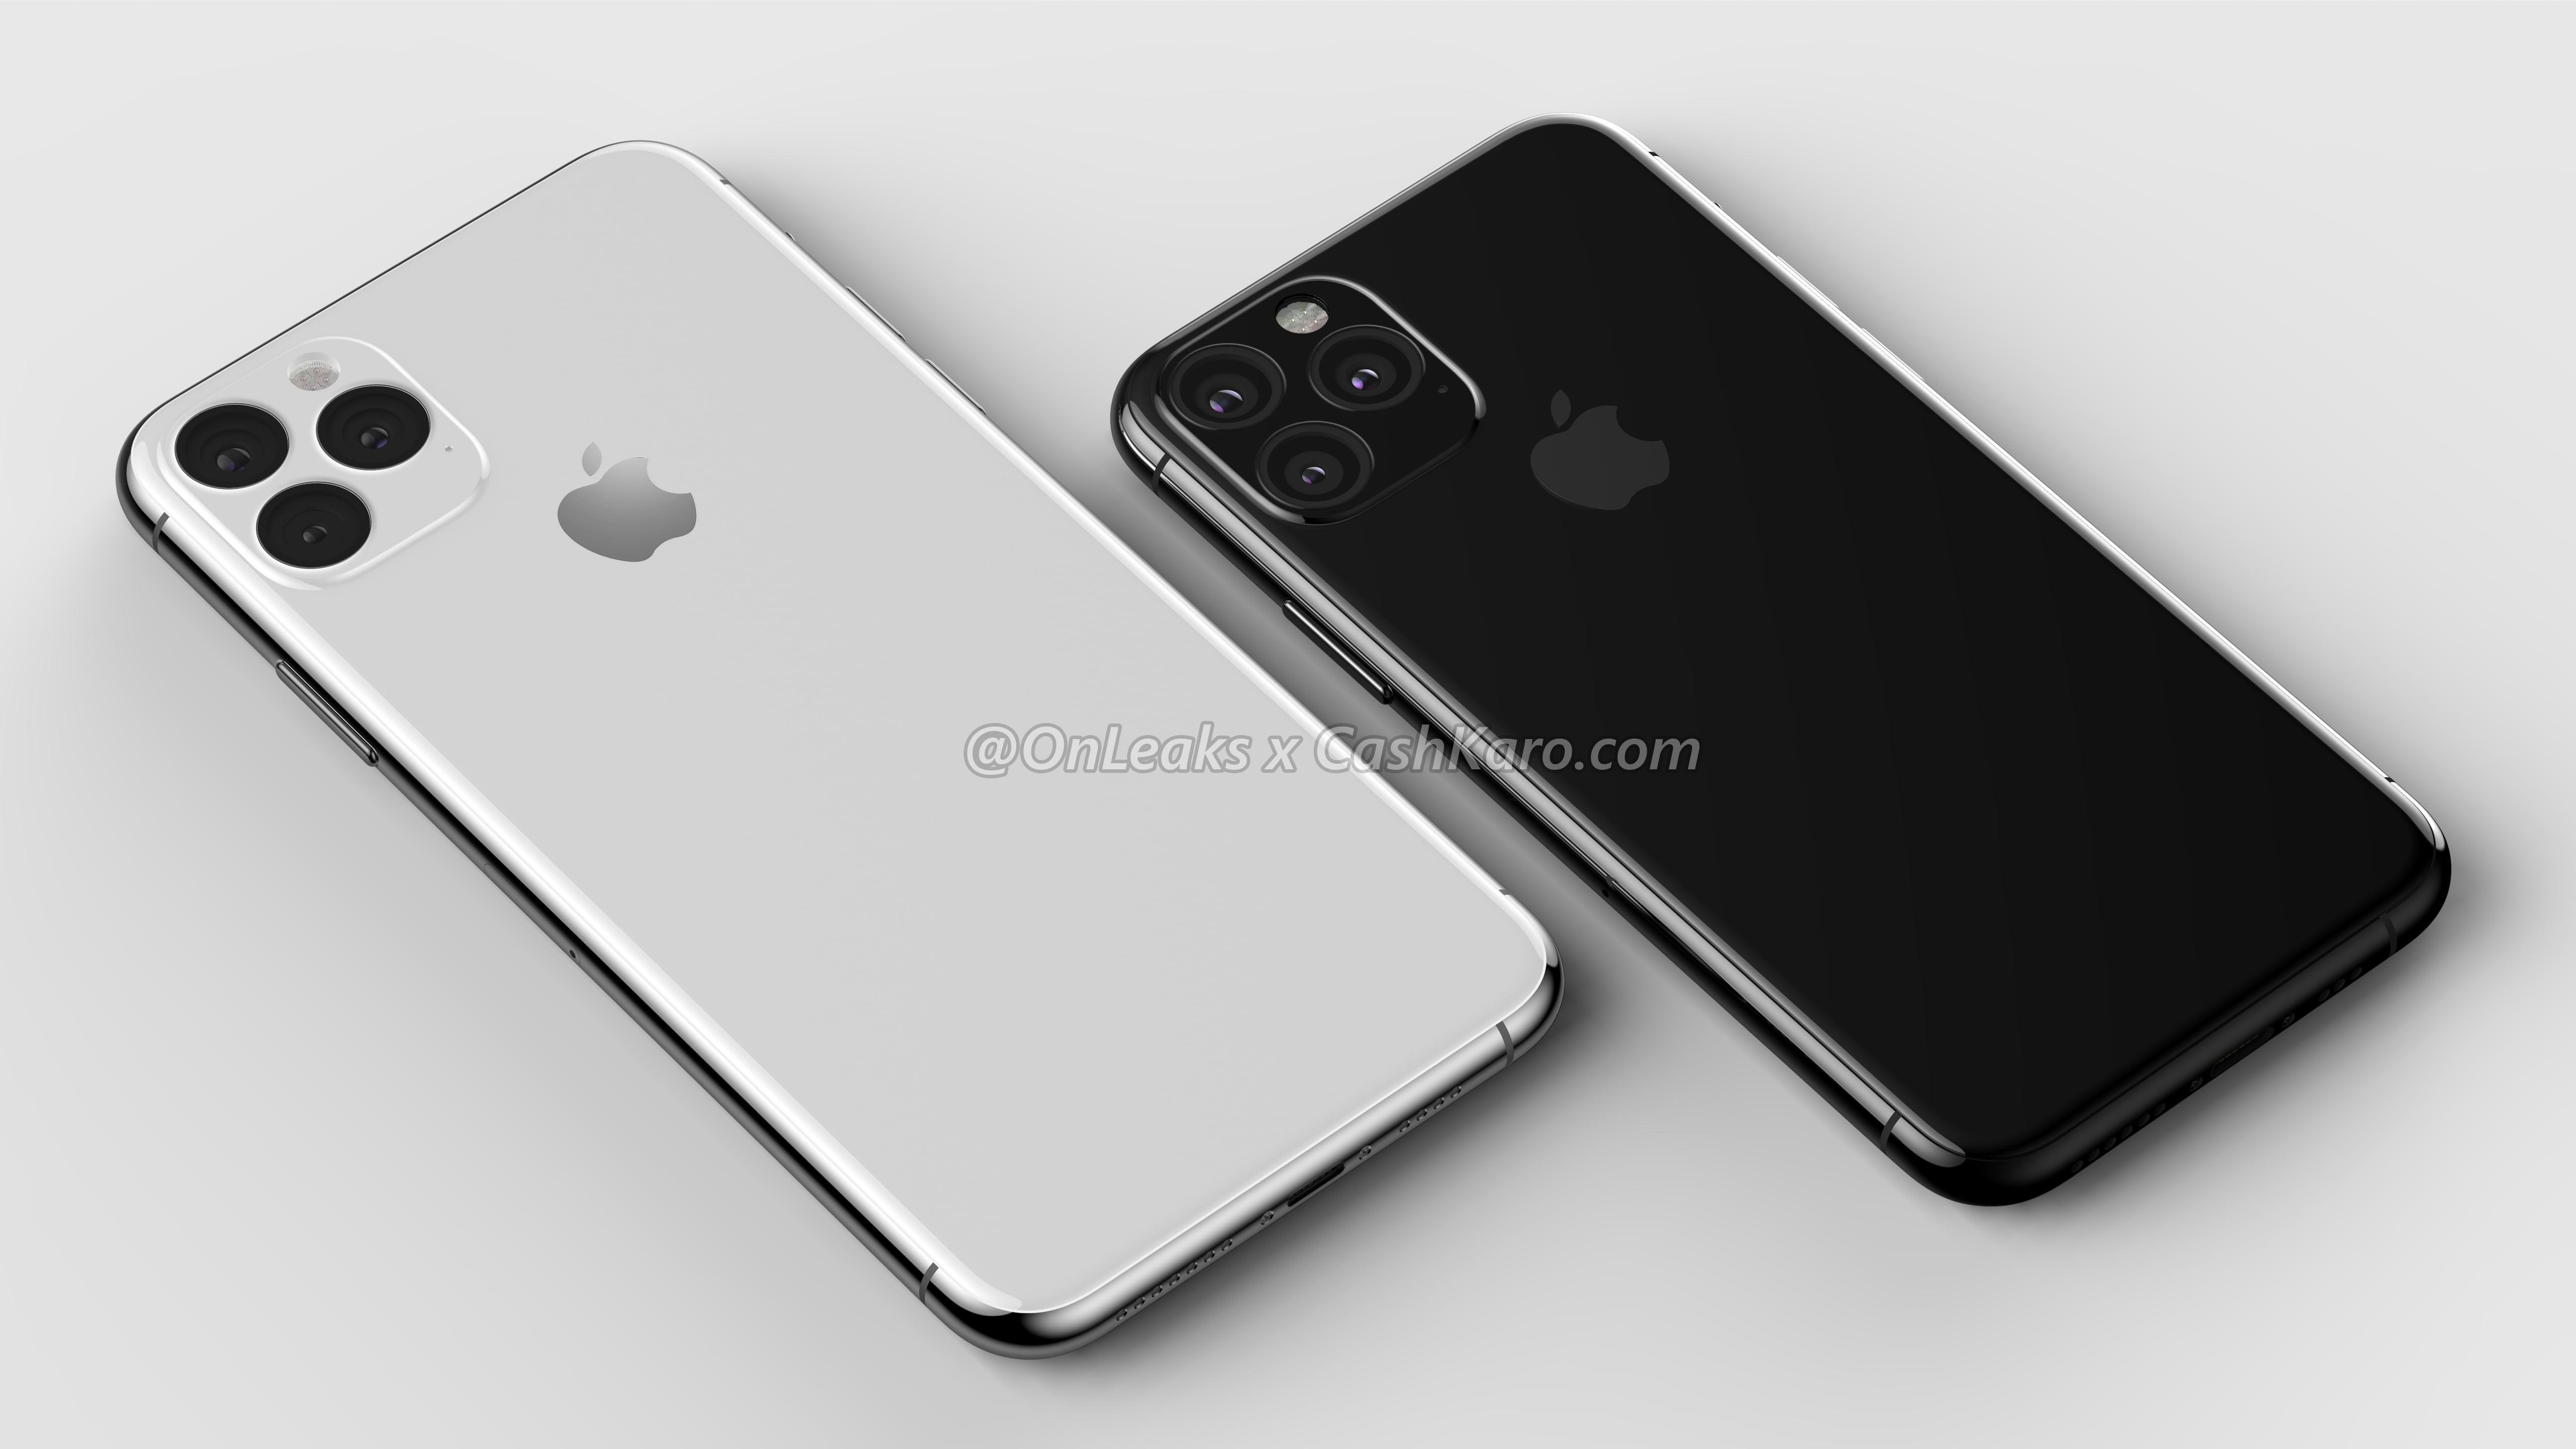 iPhone XI XI Max camera bump final 3 - CashKaro